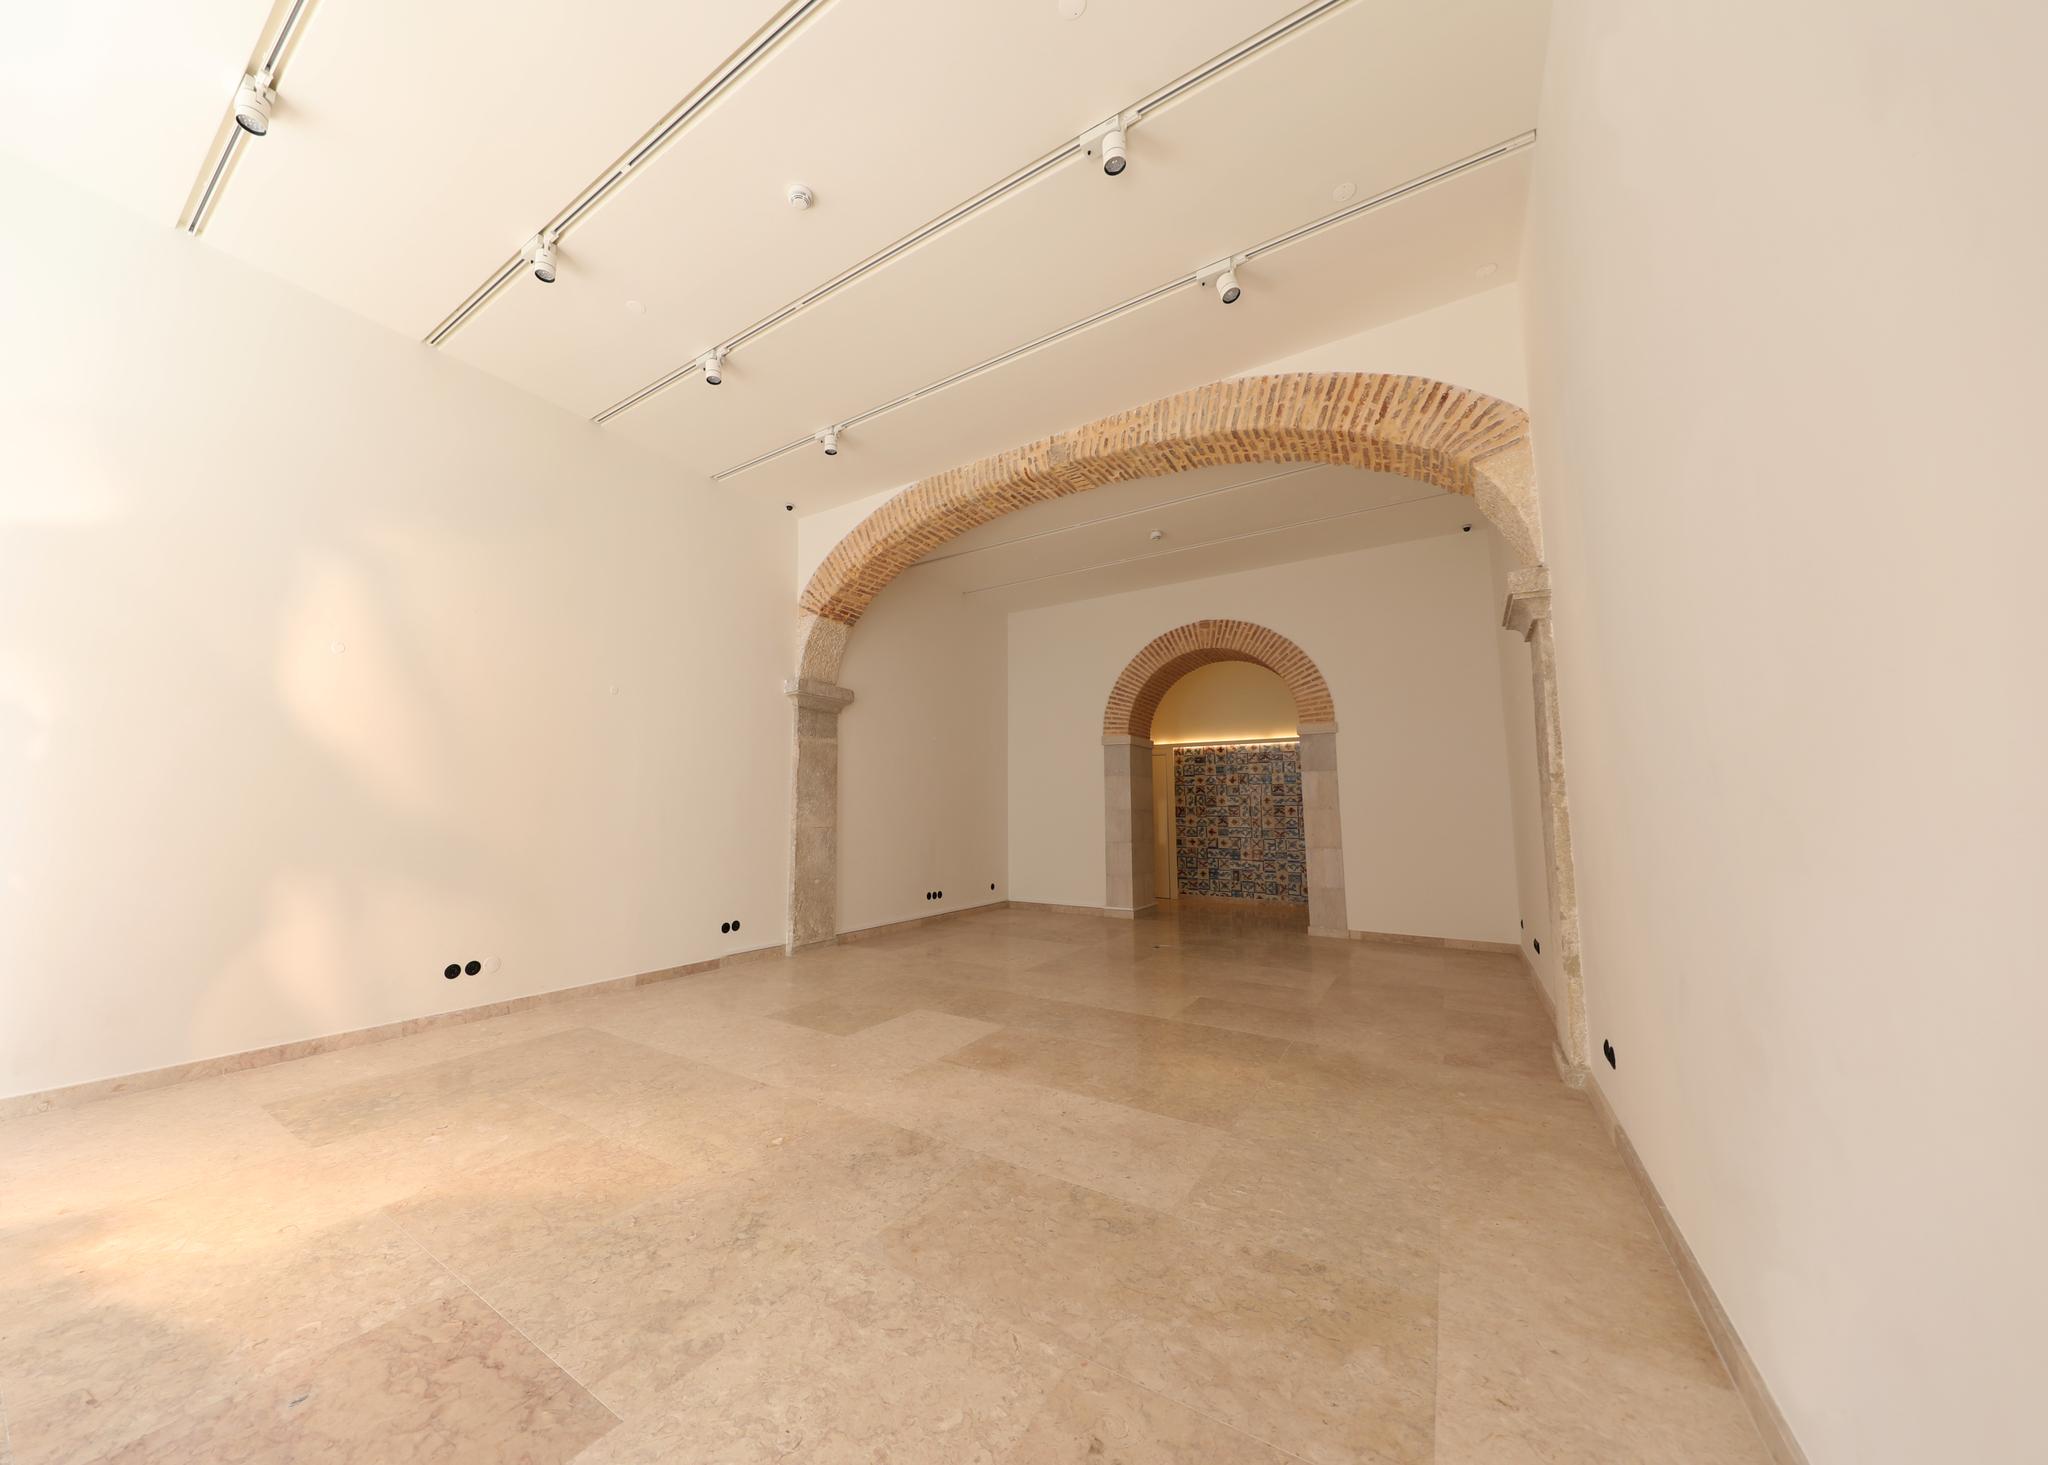 Galeria Munoz Carmona